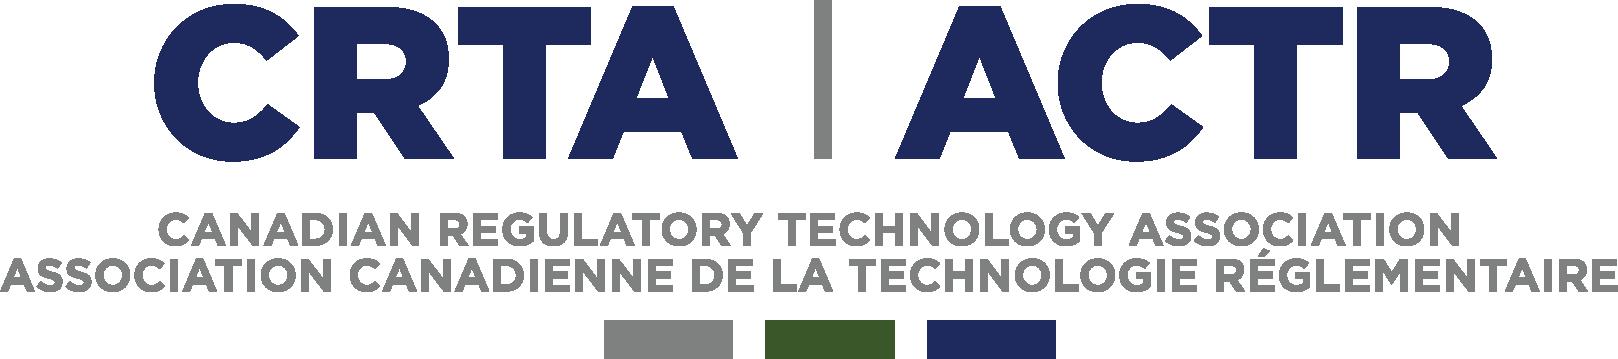 Regtech à Montréal - Thursday, September 12th, 2019